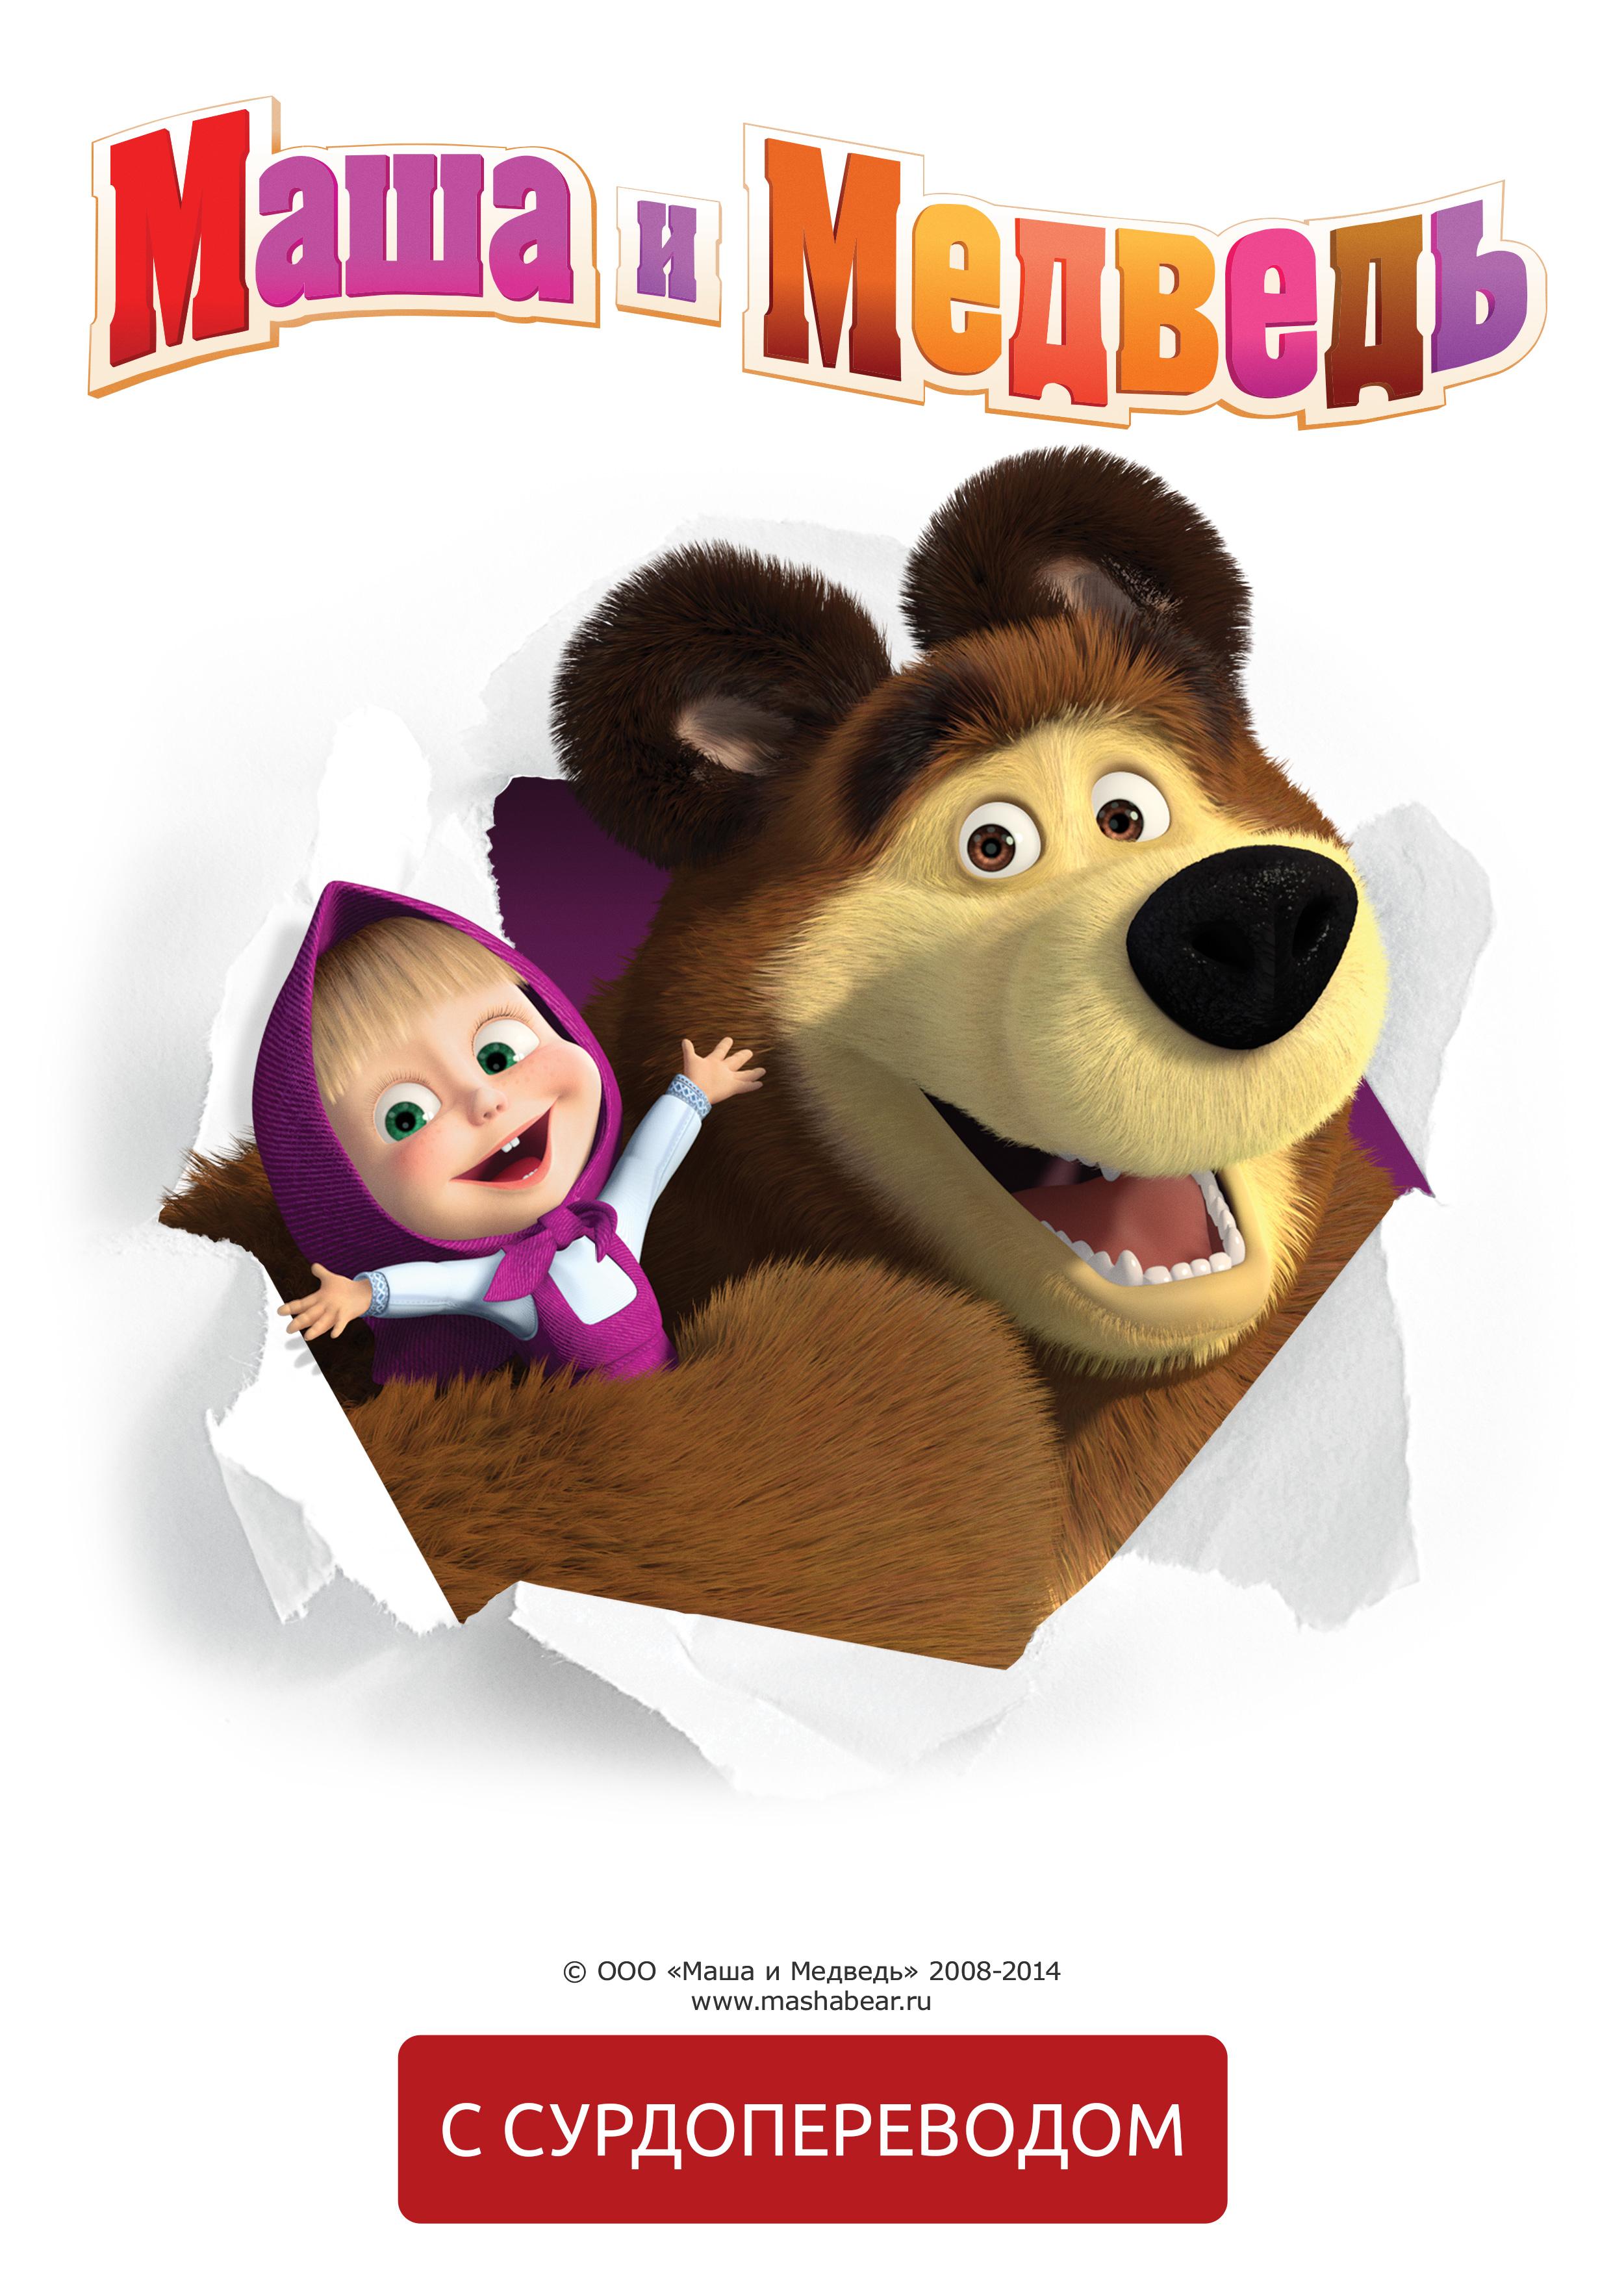 Маша и Медведь (Сурдоперевод)